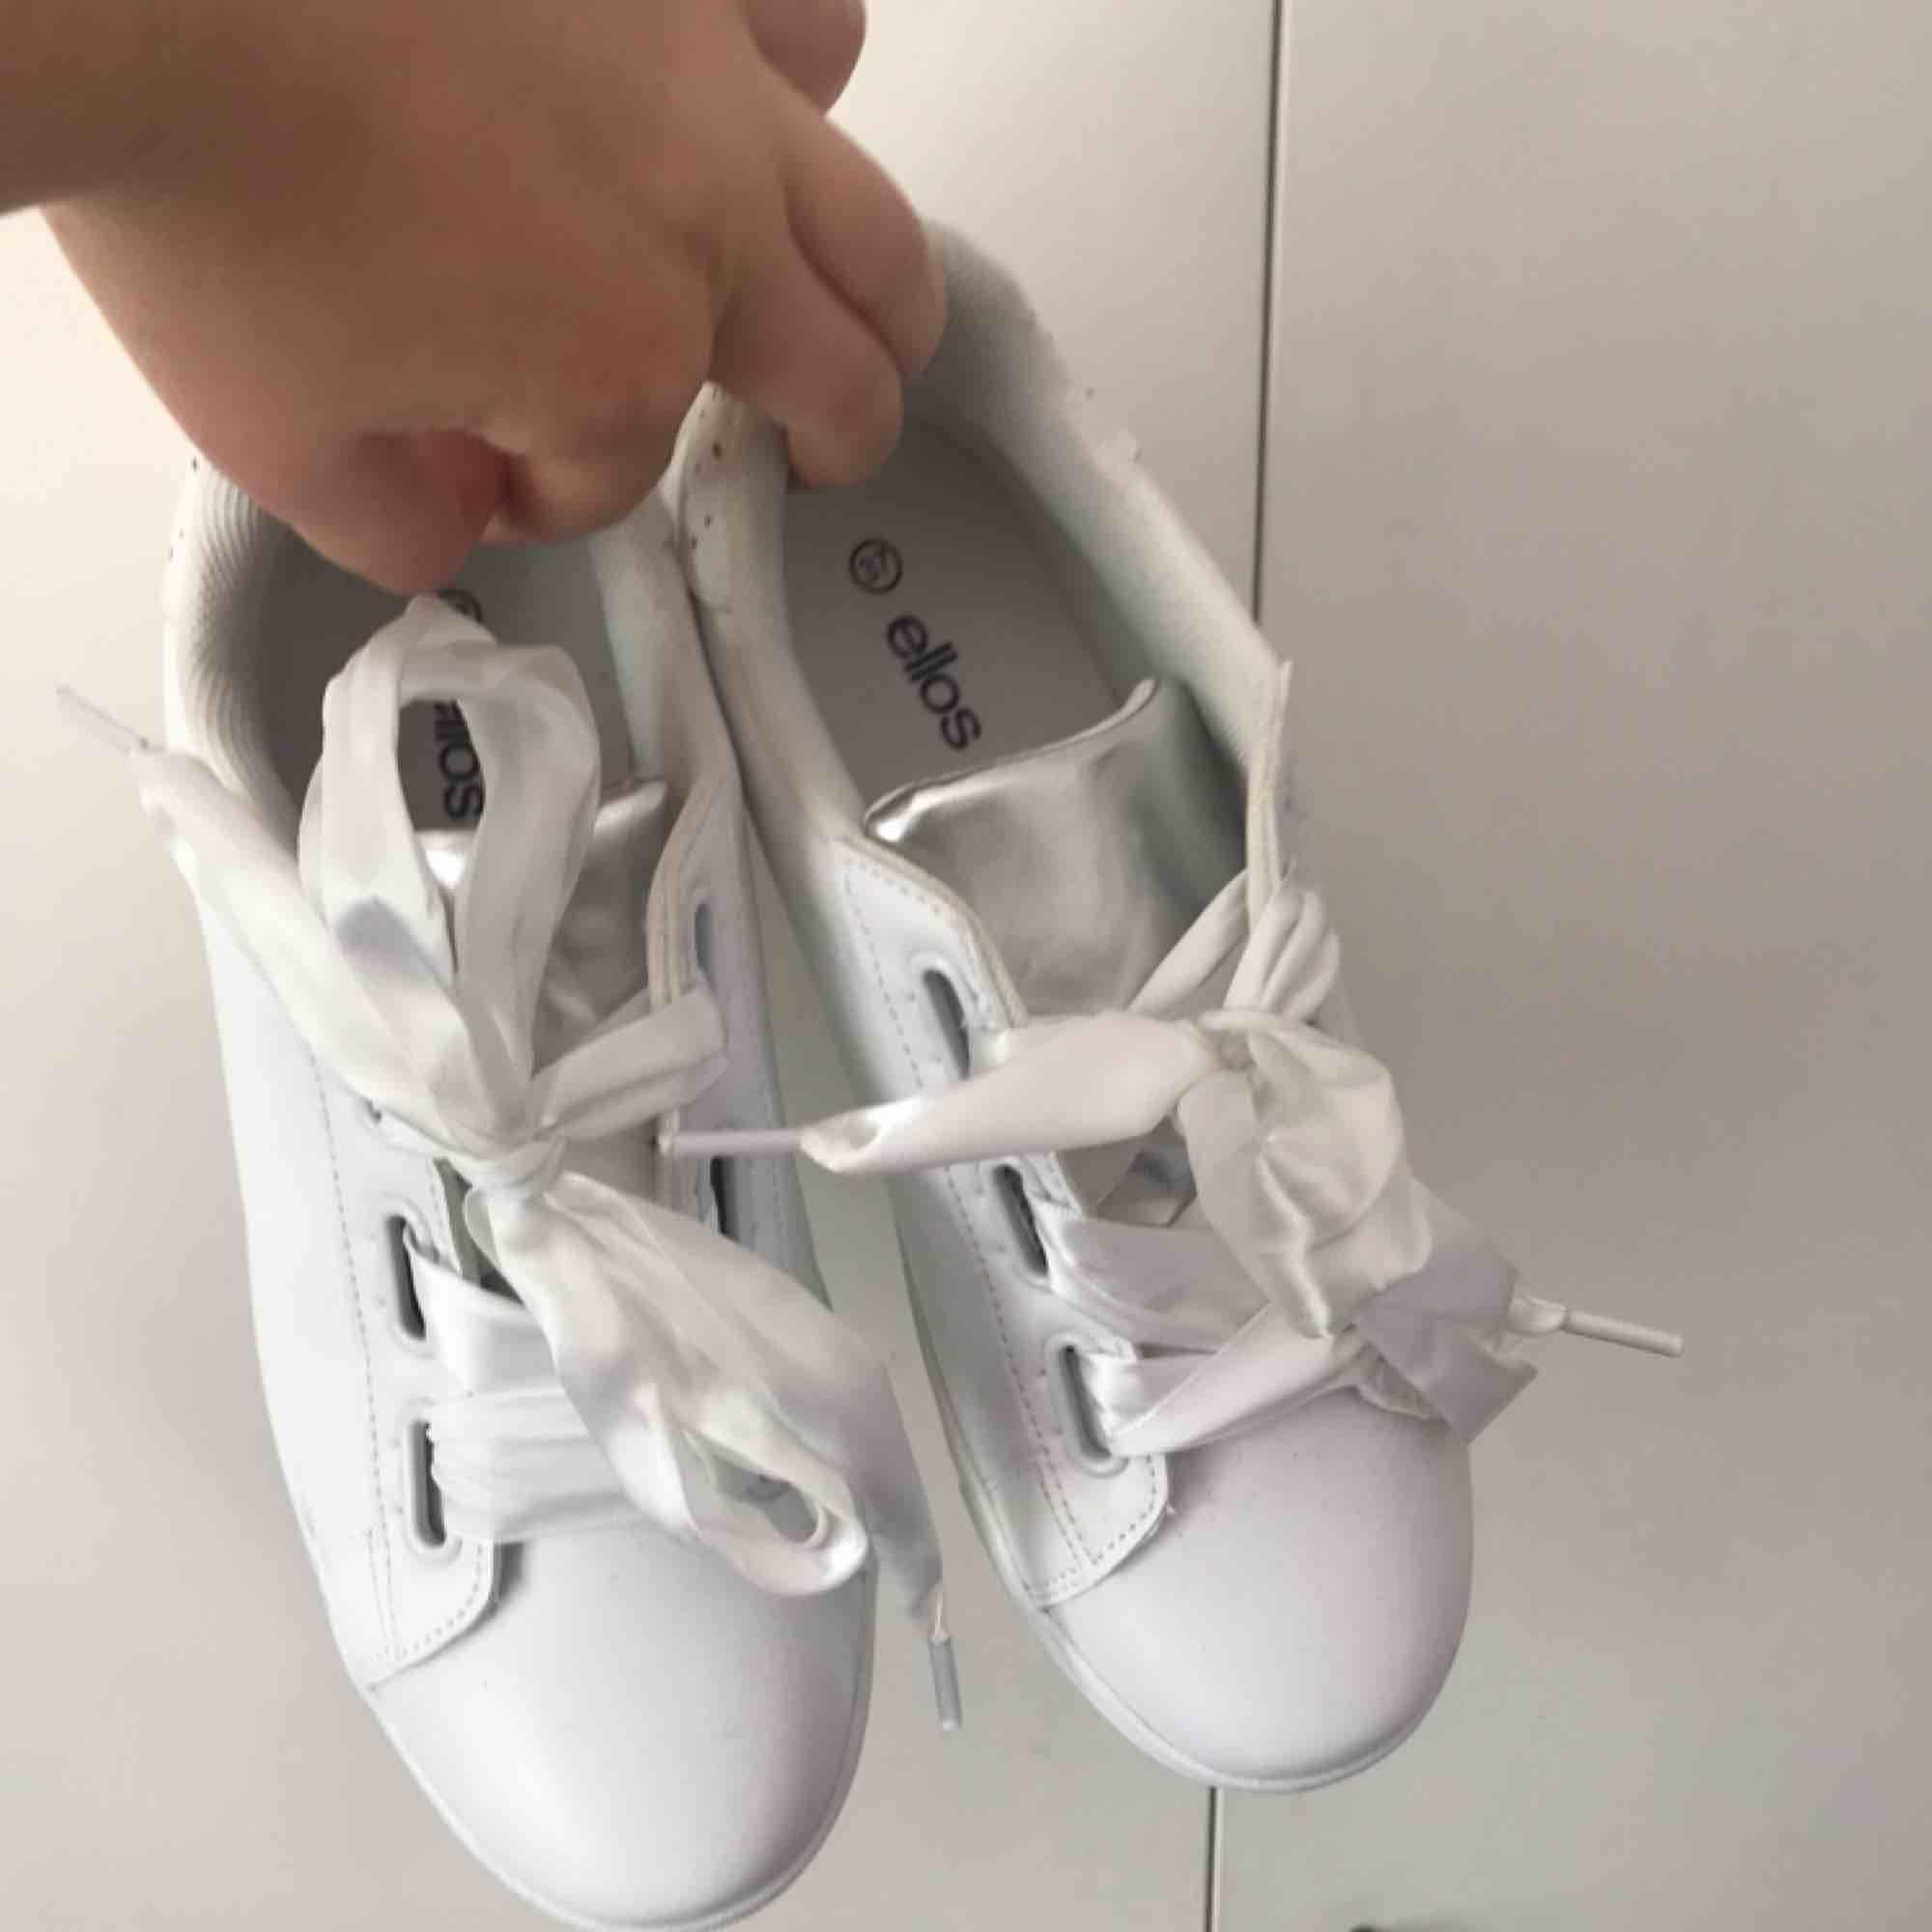 Vita sneakers med silkesband som skosnöre. Från Ellos egna märke. Passar mig som har 38. Aldrig använda. 150 + frakt. Kan mötas upp i tranåsområdet eller i sthlm.. Skor.